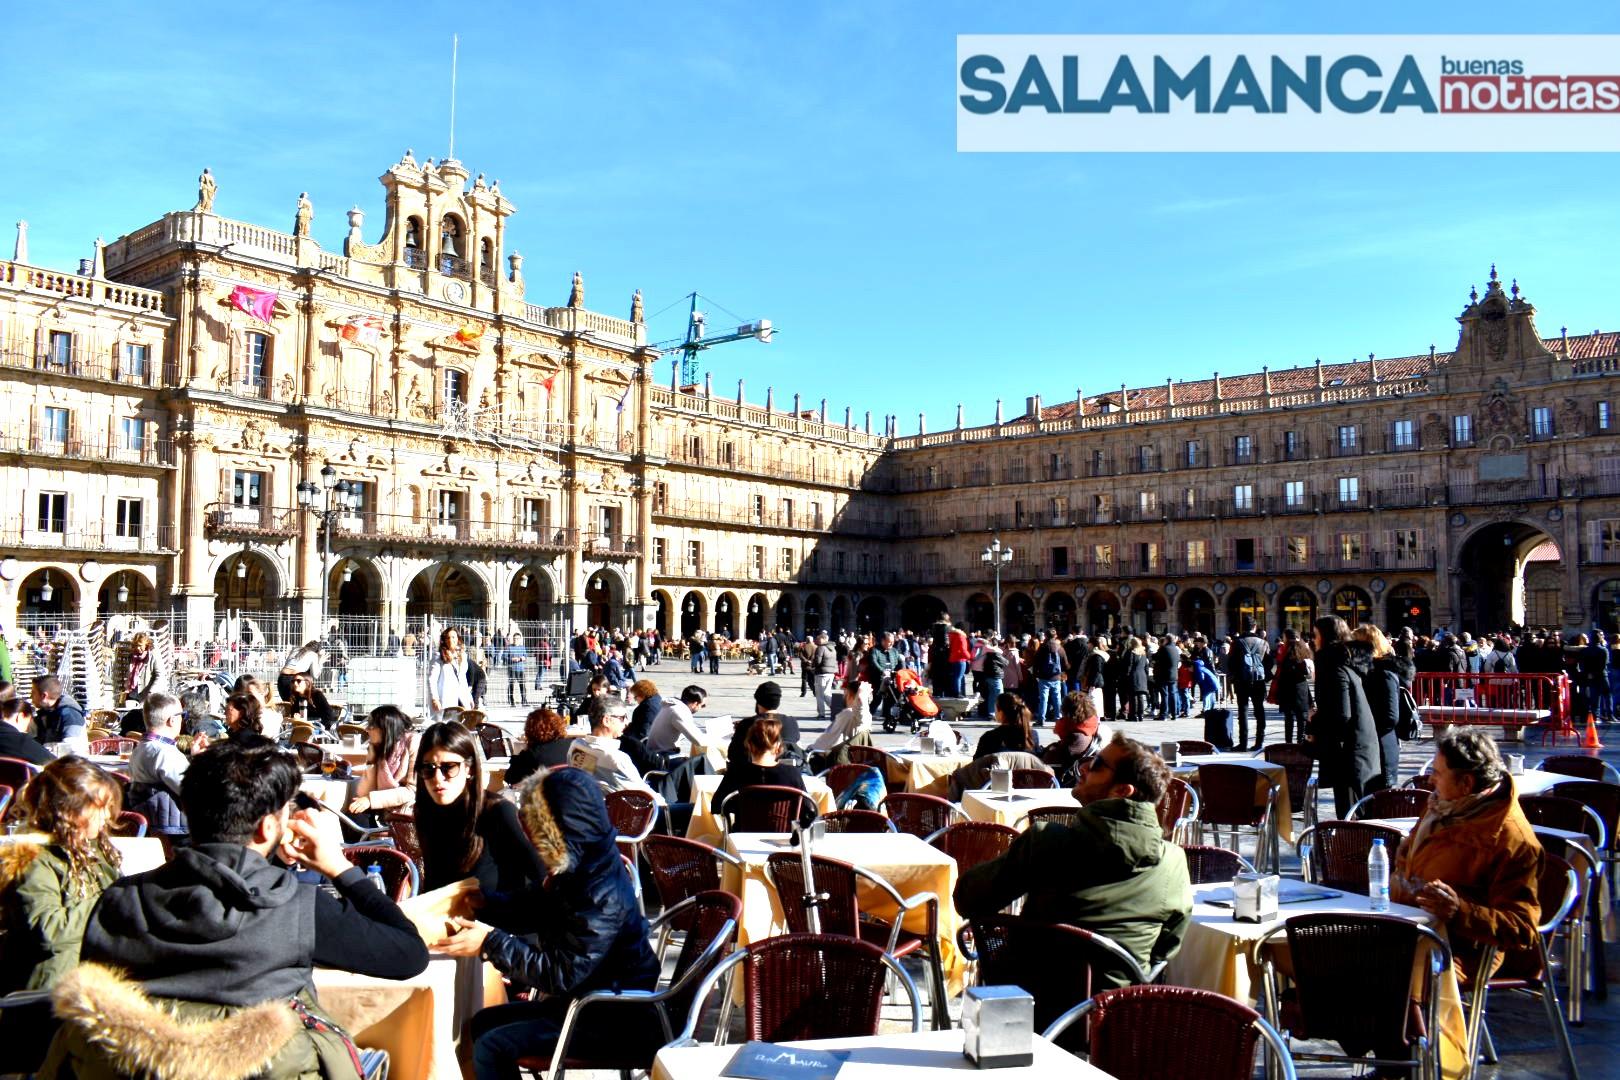 Salamanca rondará los 20 grados los próximos días